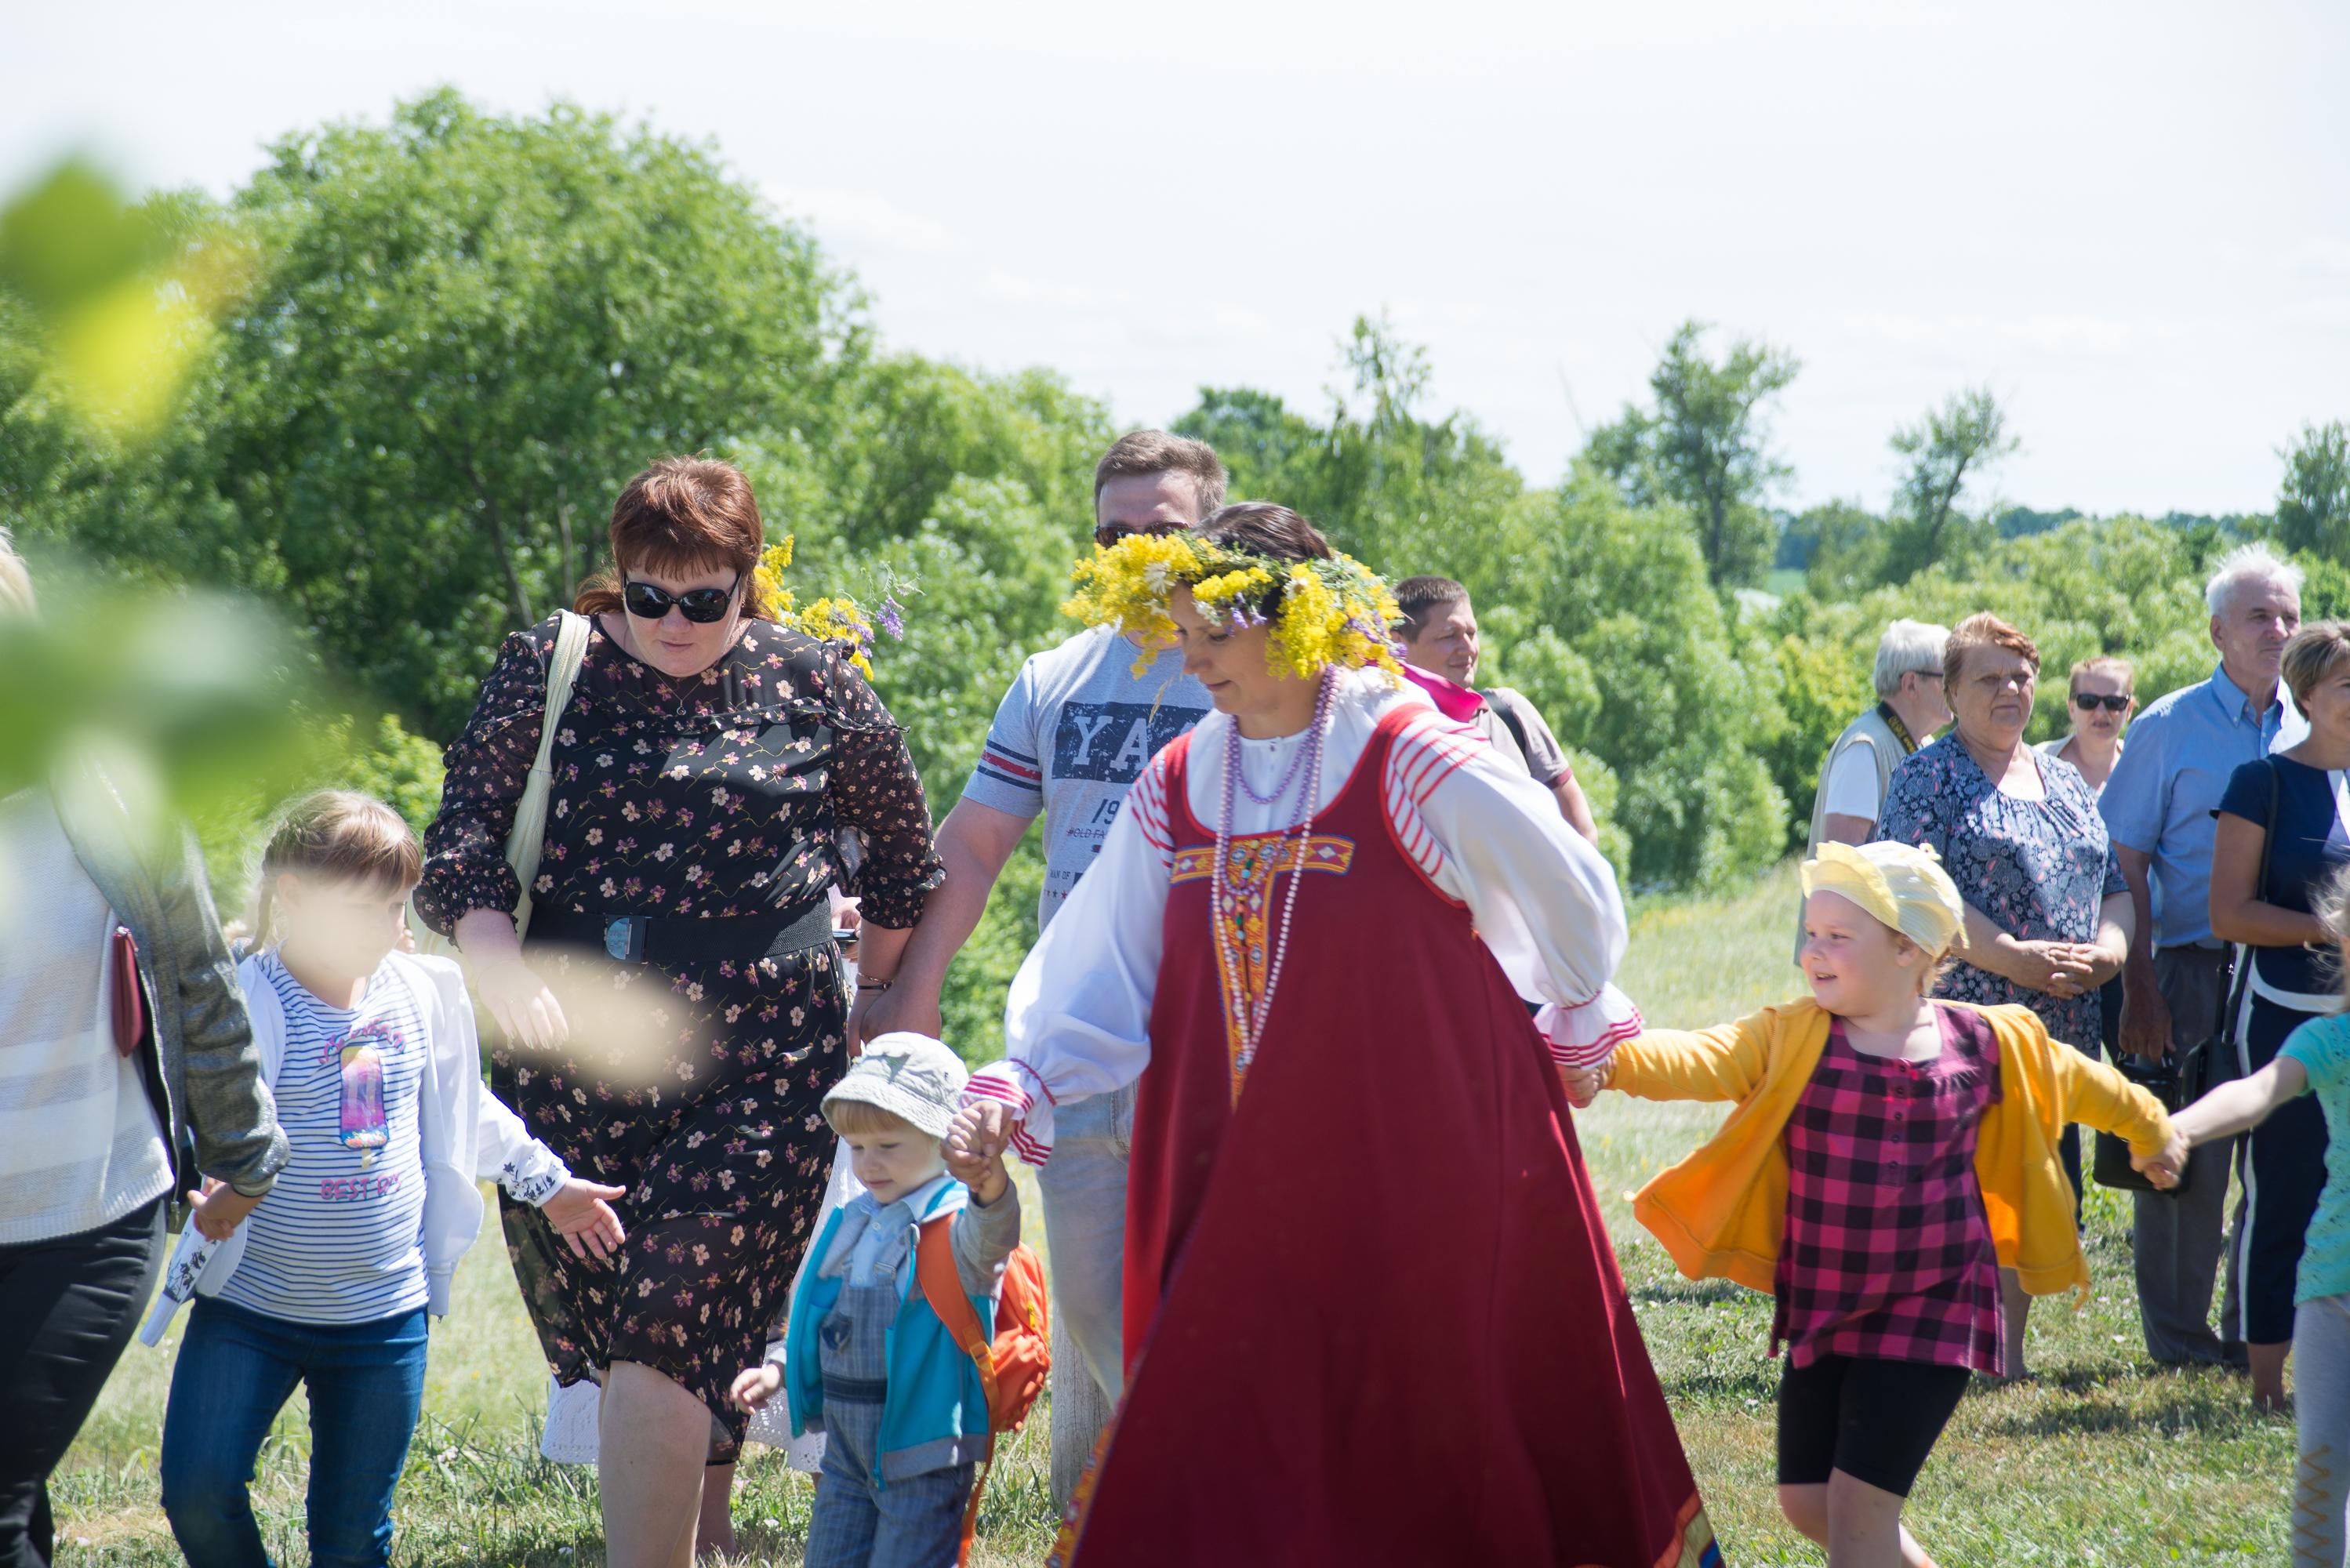 Праздник Троица в «Тарханах». Отдых для всей семьи на открытом воздухе с детьми